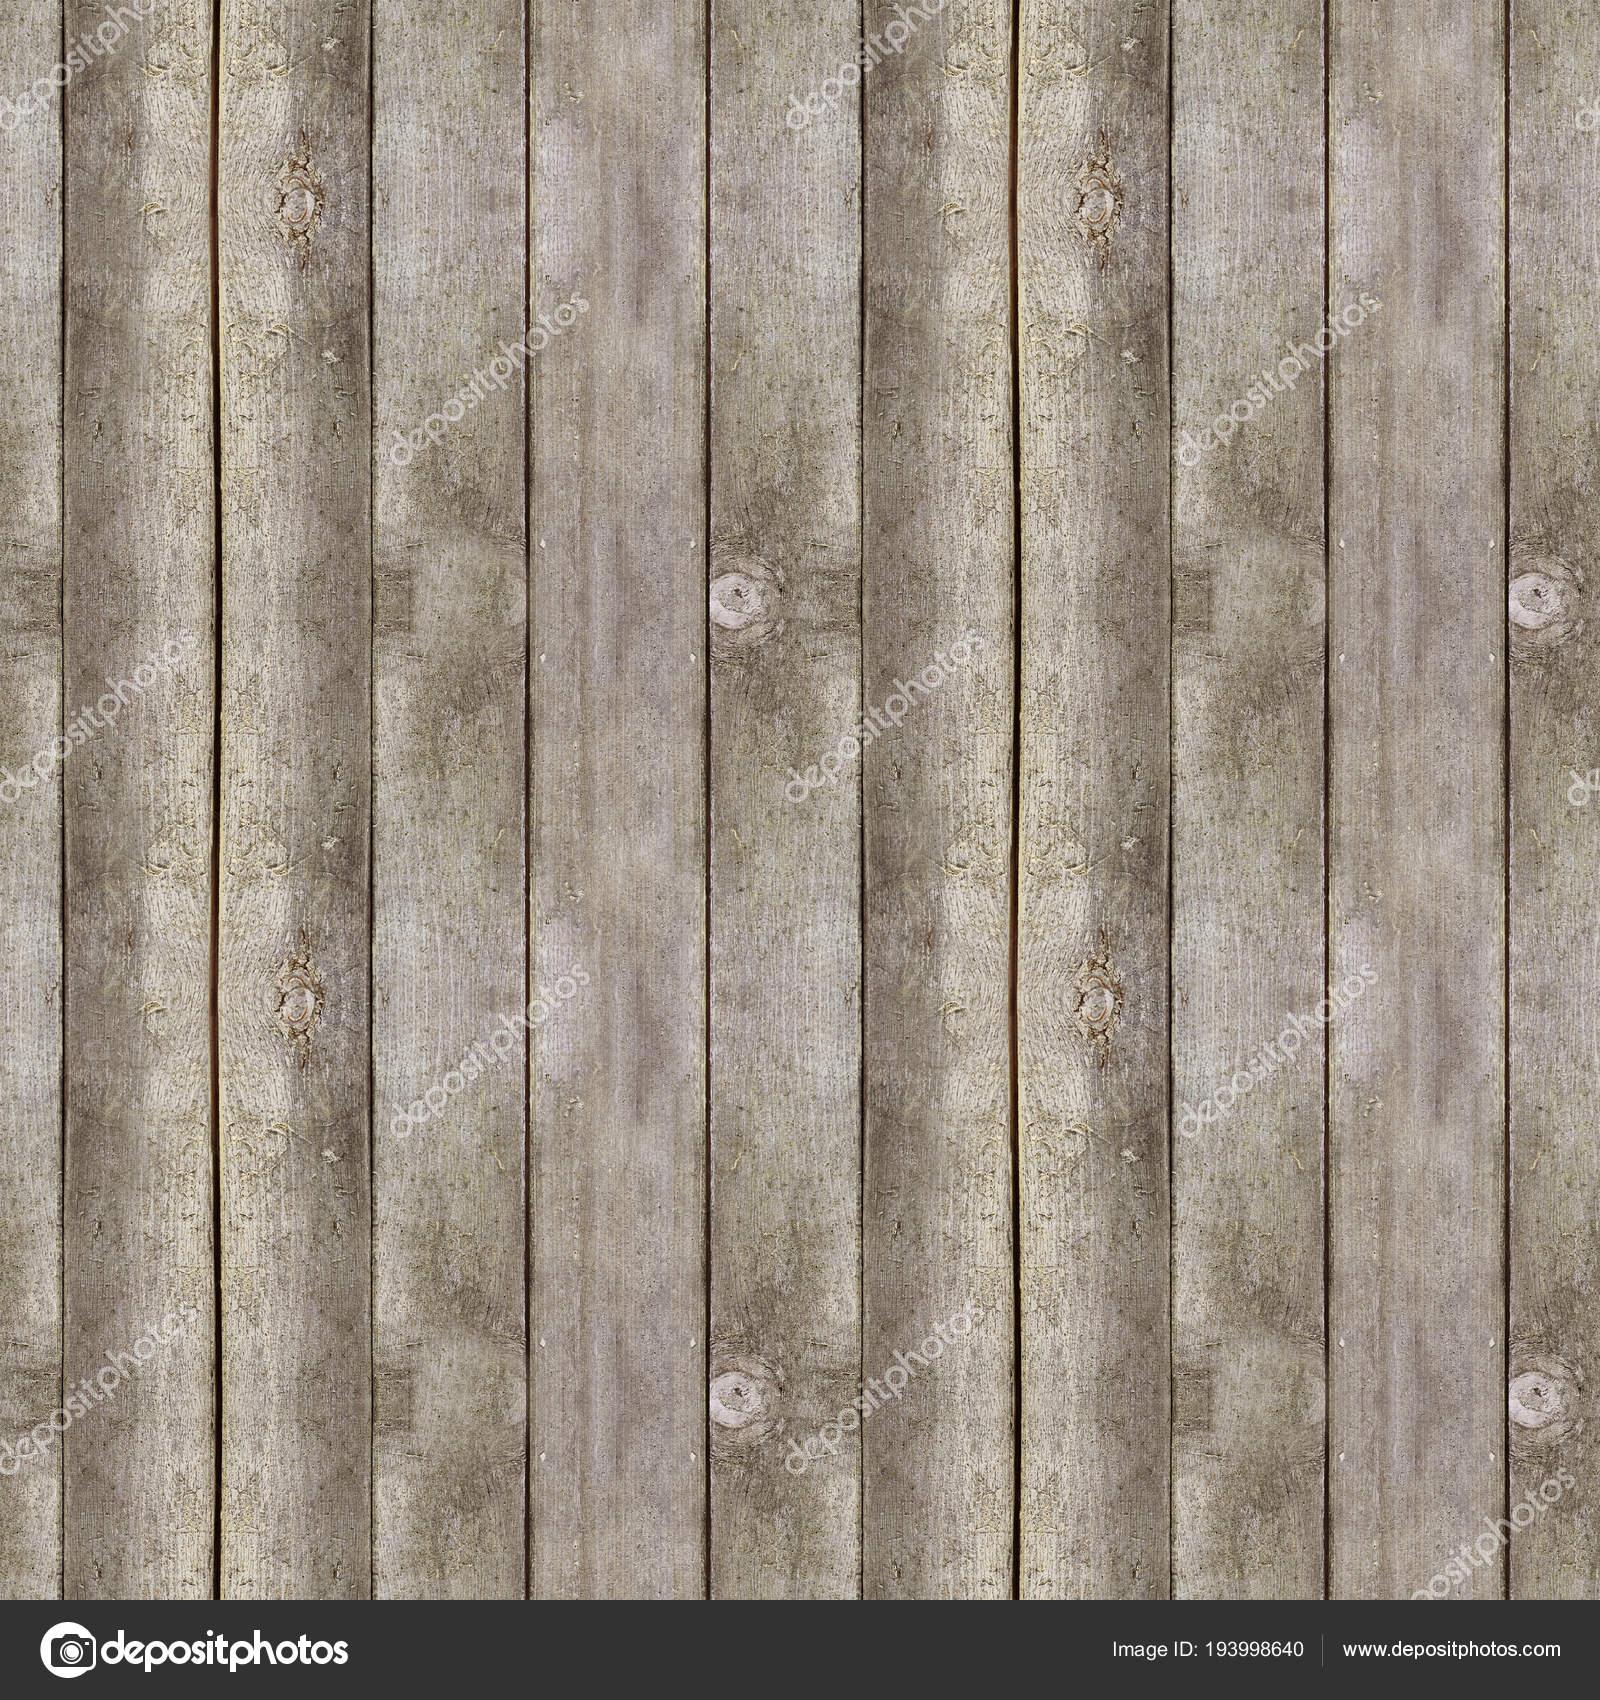 Wood Grain Digital Paper Digital Paper For Scrapbooking